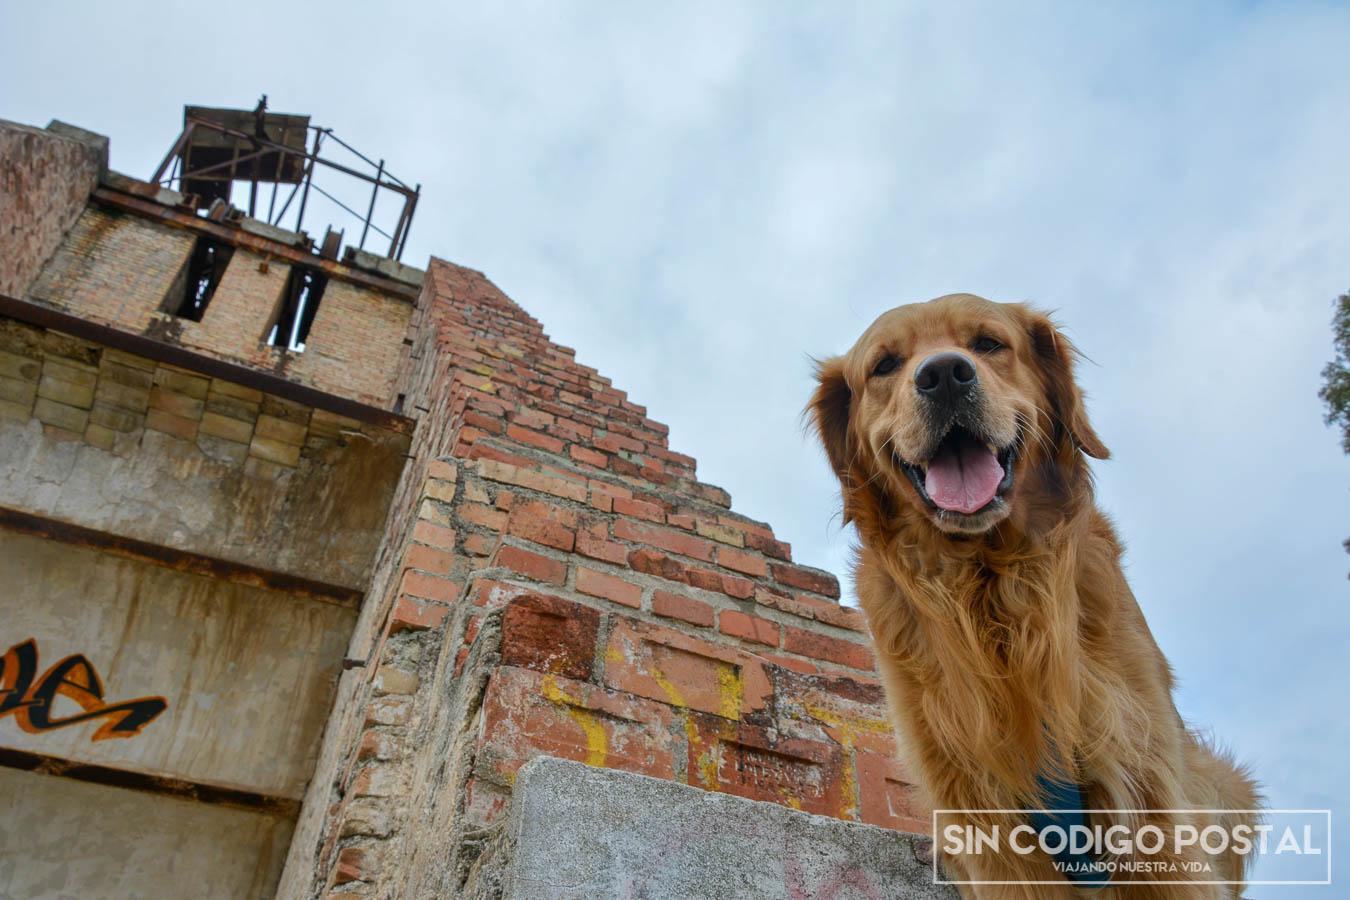 Cuzco en las escaleras de una mina